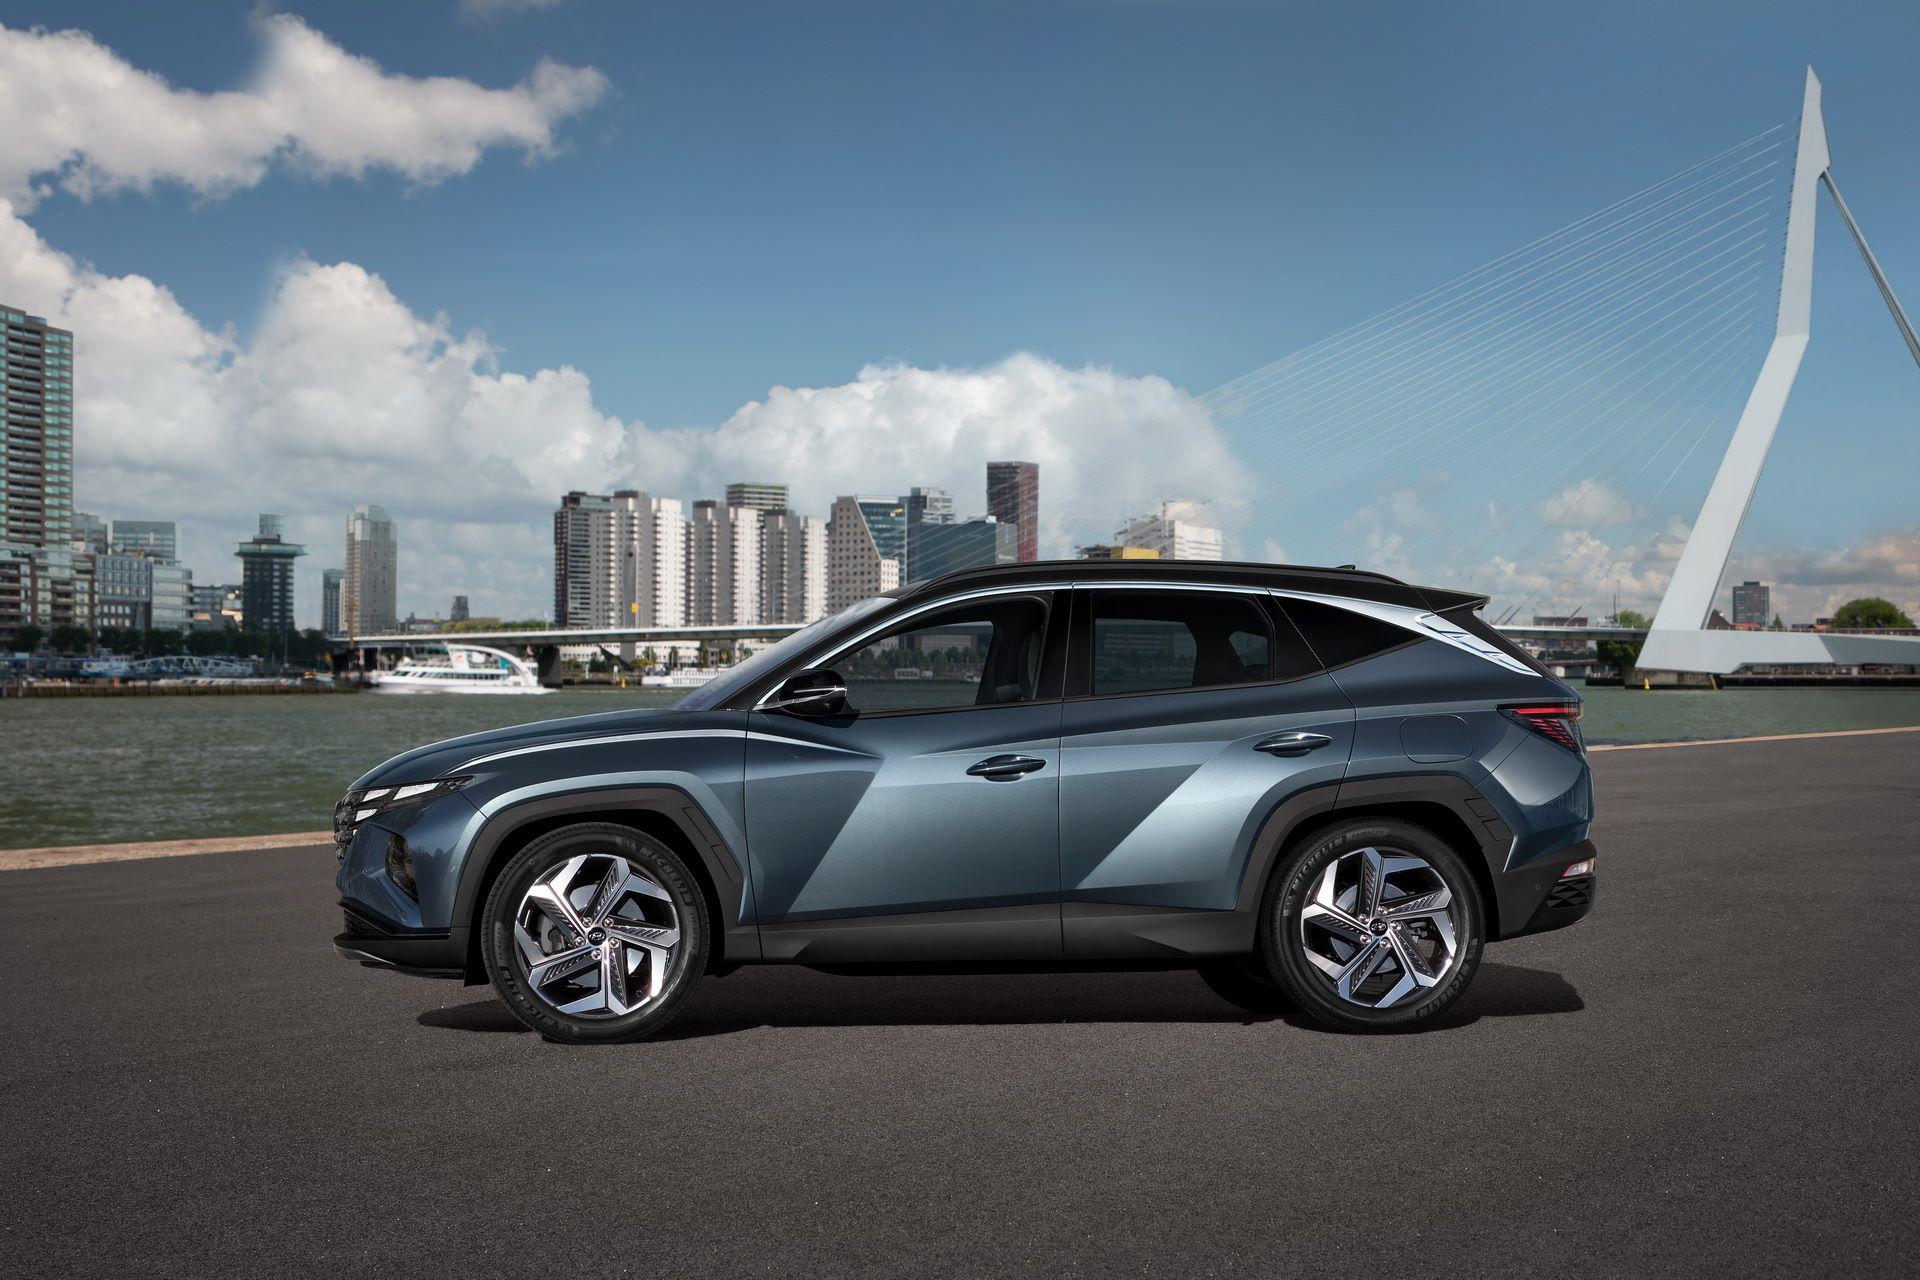 2021-Hyundai-Tucson-03-1